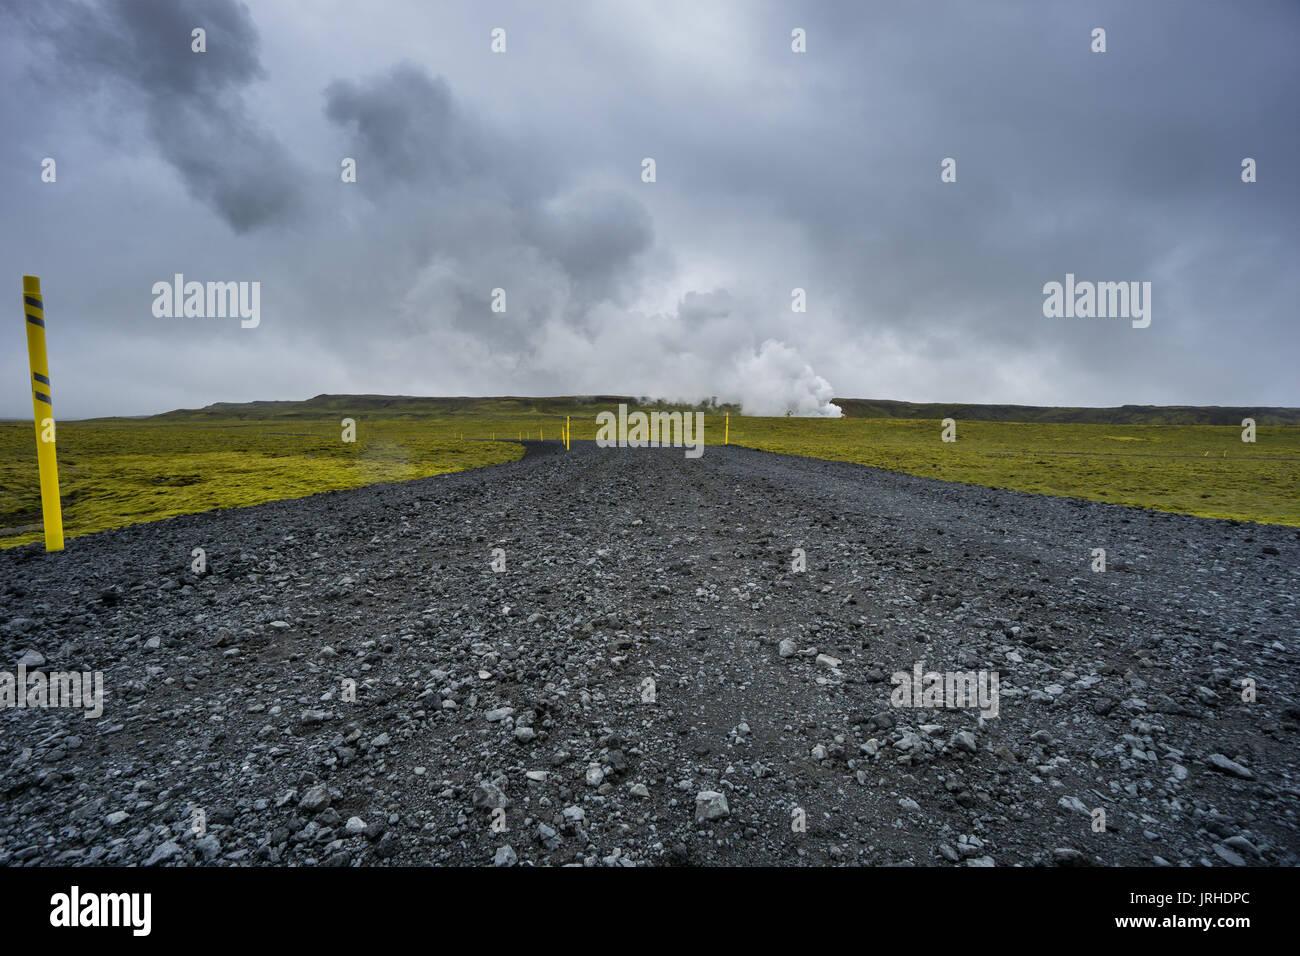 Islandia - carretera solitaria a la energía geotérmica y musgo verde campo de lava Imagen De Stock